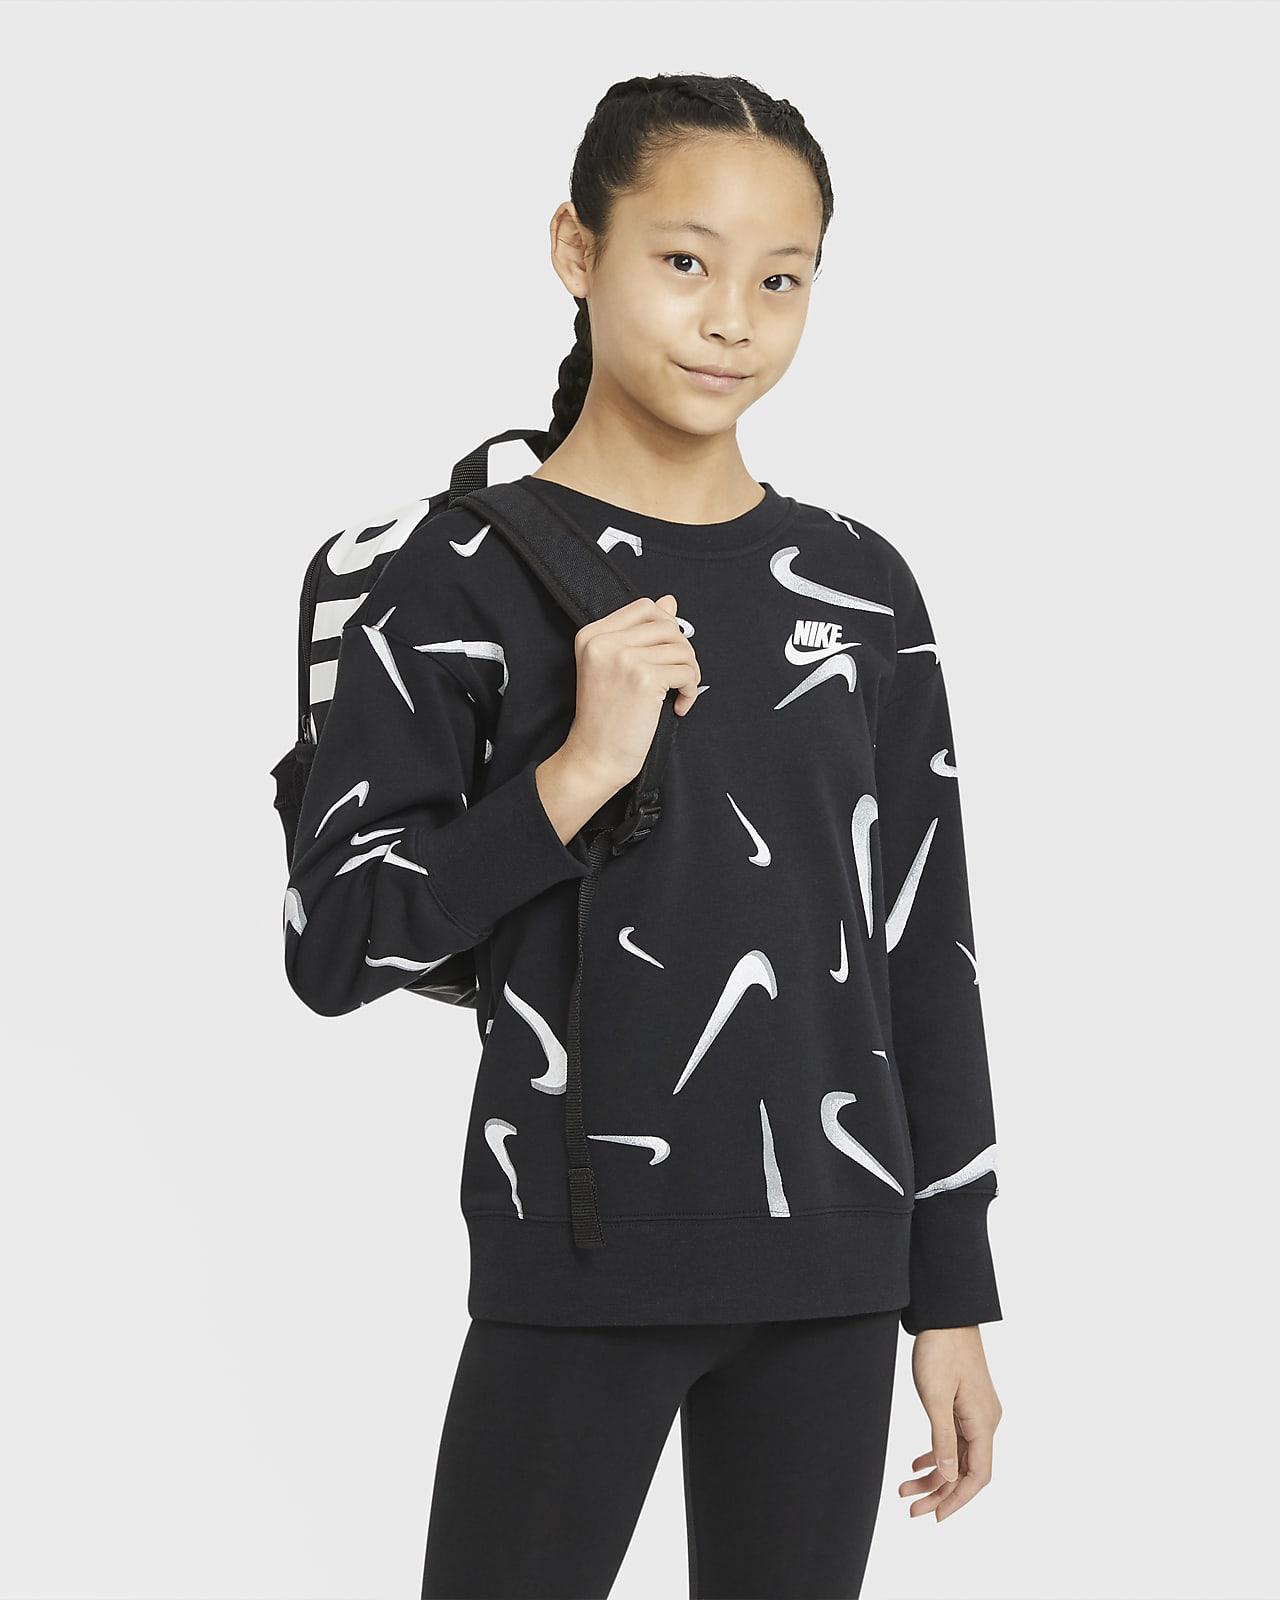 Maglia a girocollo in French Terry stampata Nike Sportswear - Ragazza